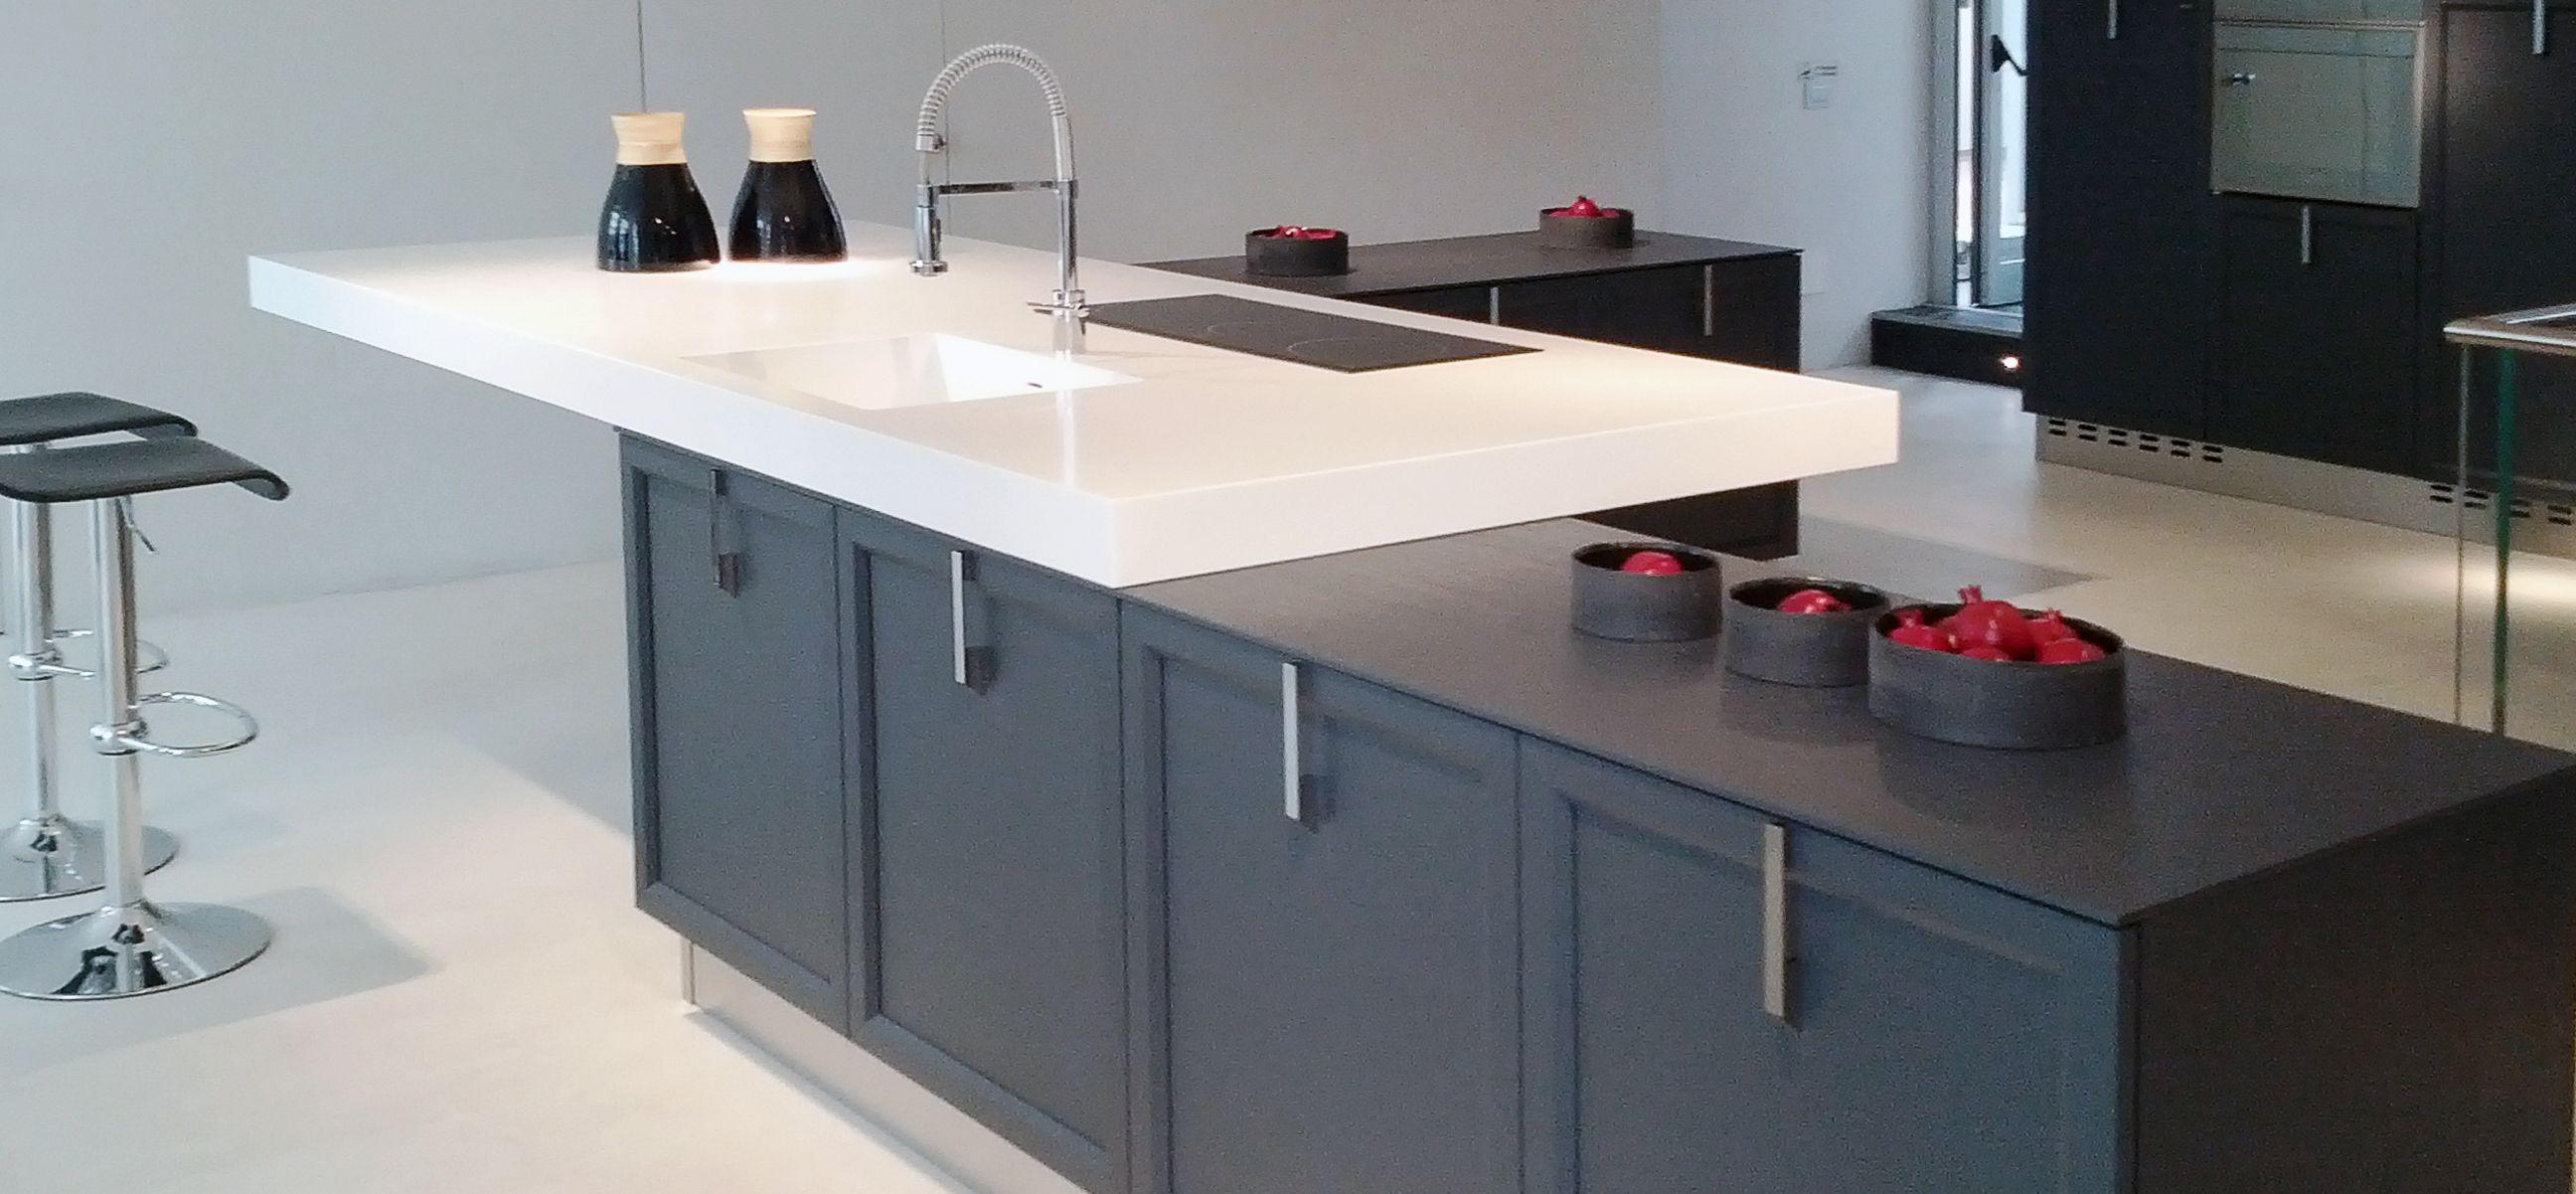 Progetta la tua cucina con BETACRYL: oggi è il materiale ...